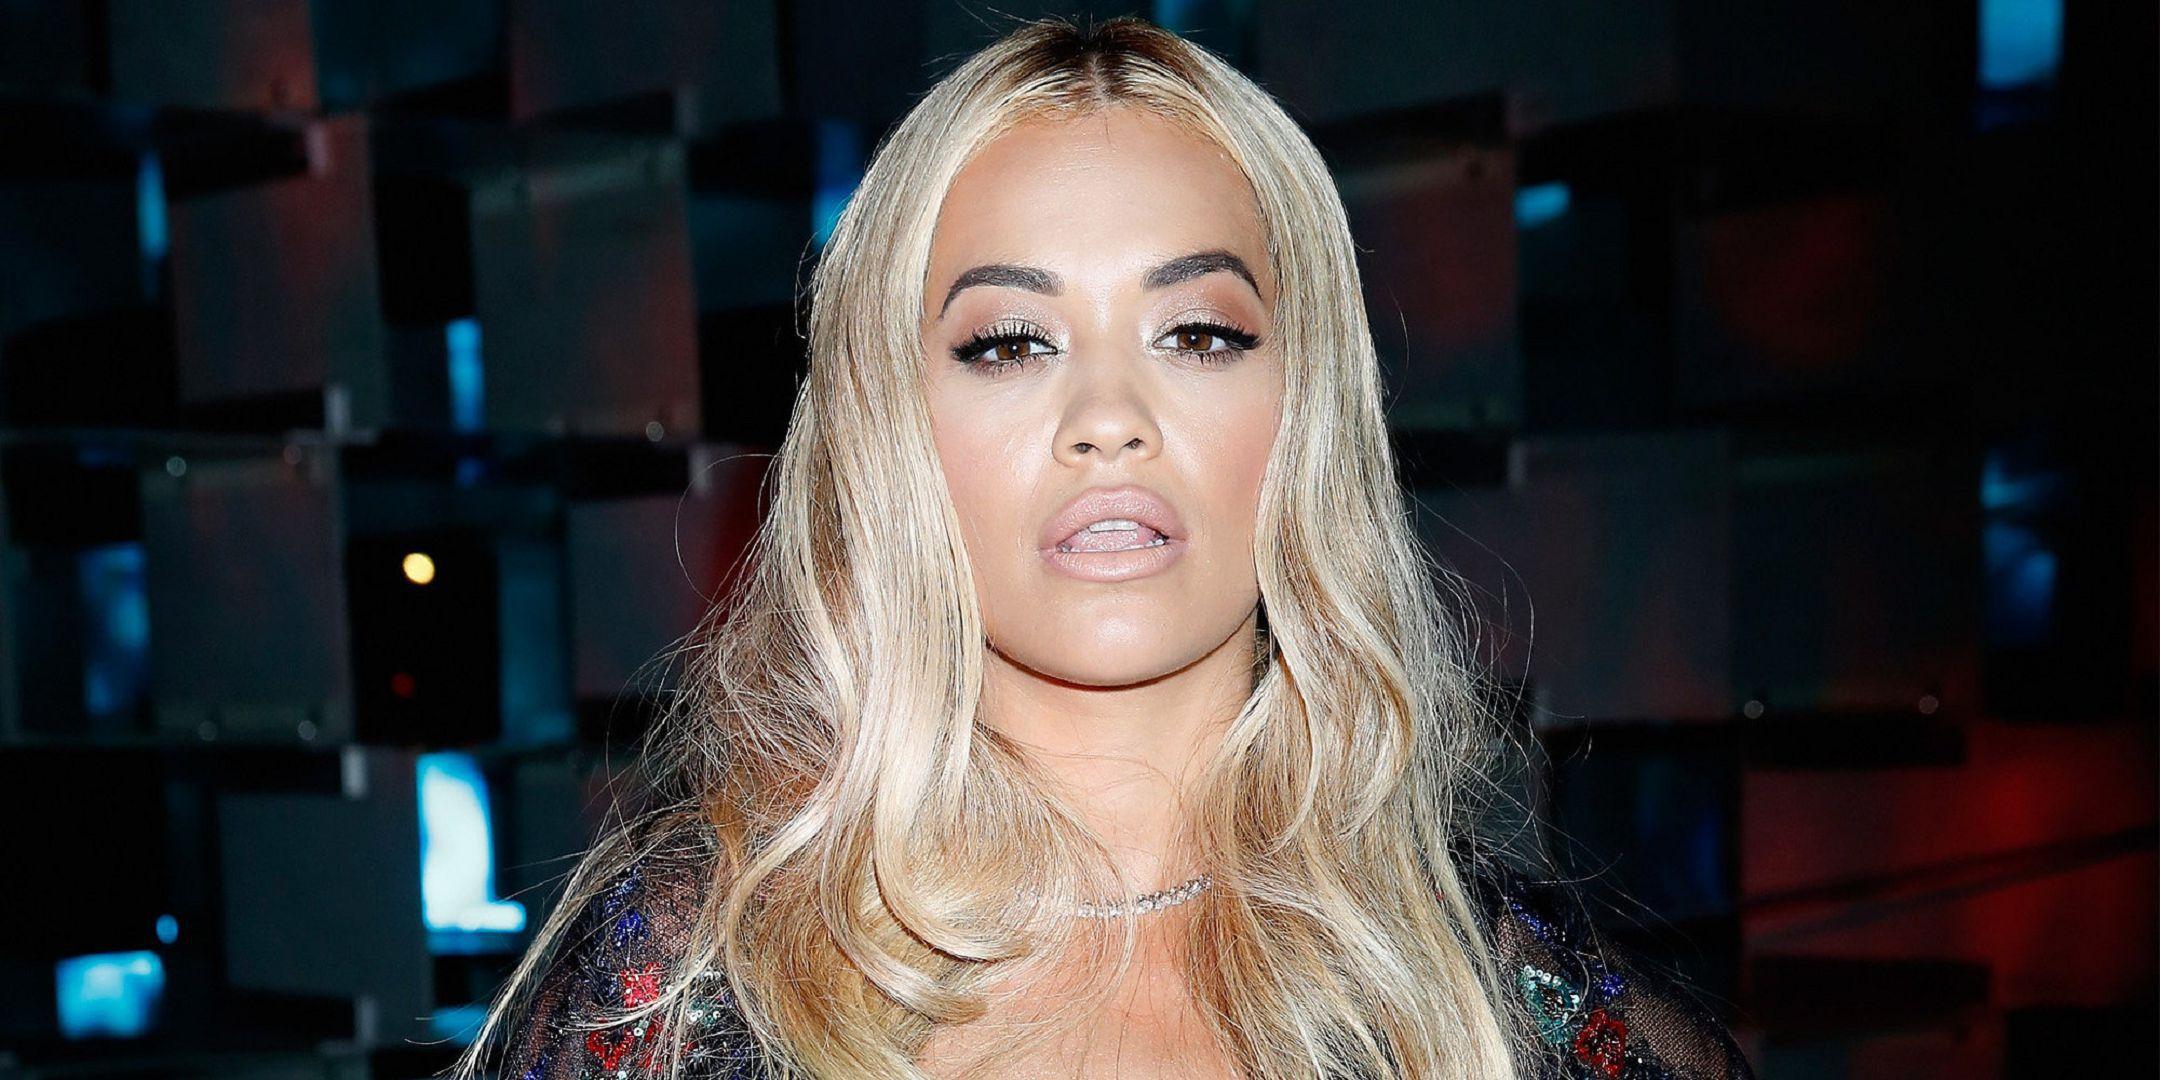 Pictures Of Rita Ora